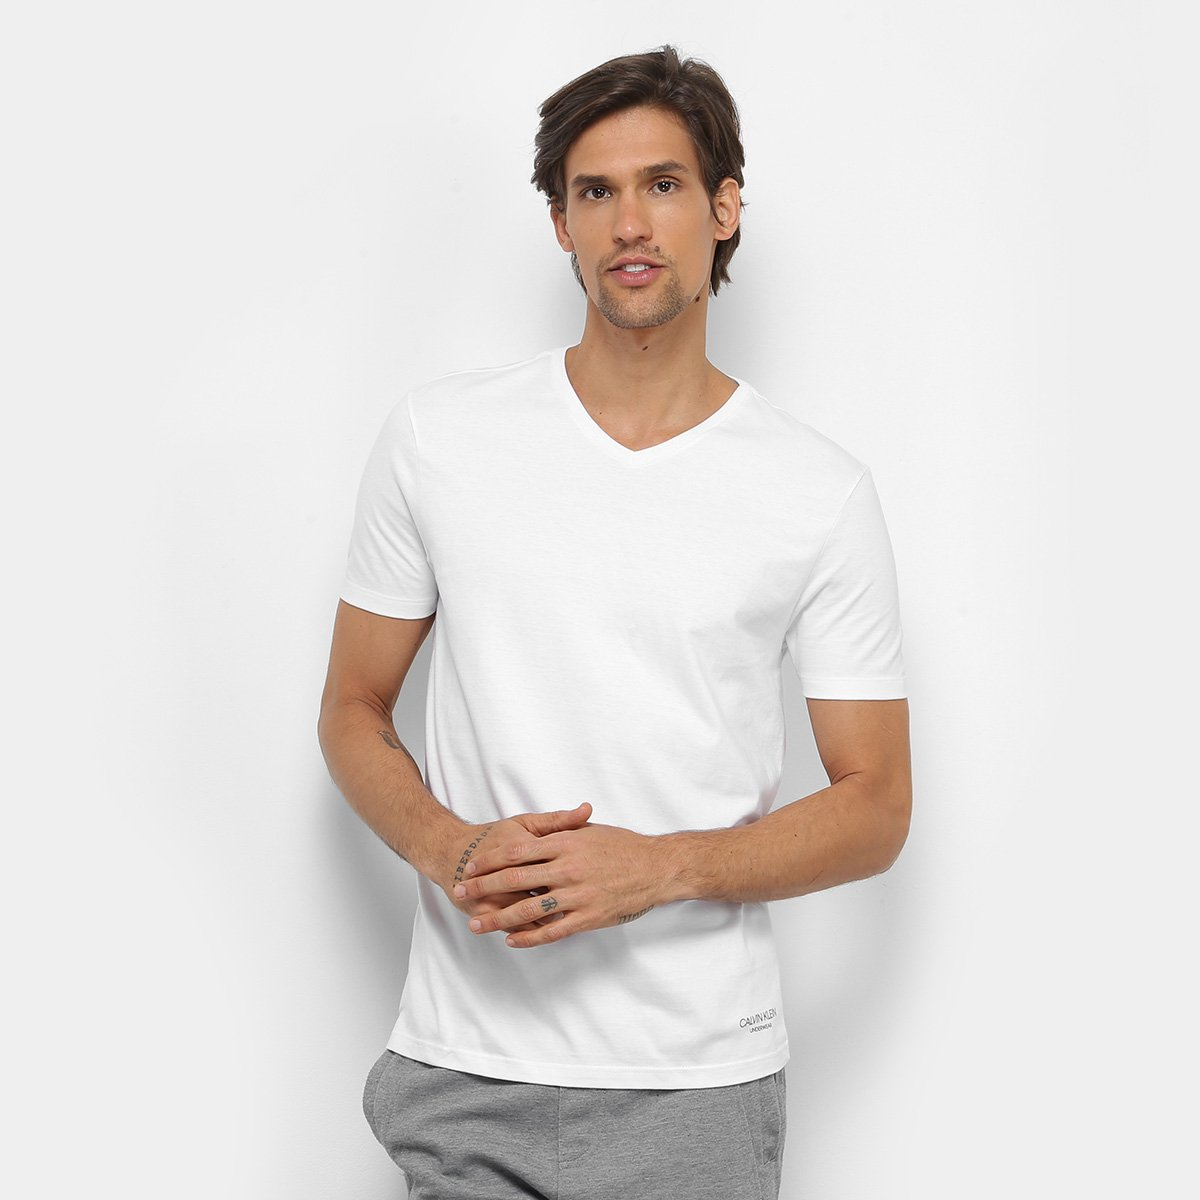 Foto 2 - Kit 2 Peças Camiseta Calvin Klein Meia Malha Masculina